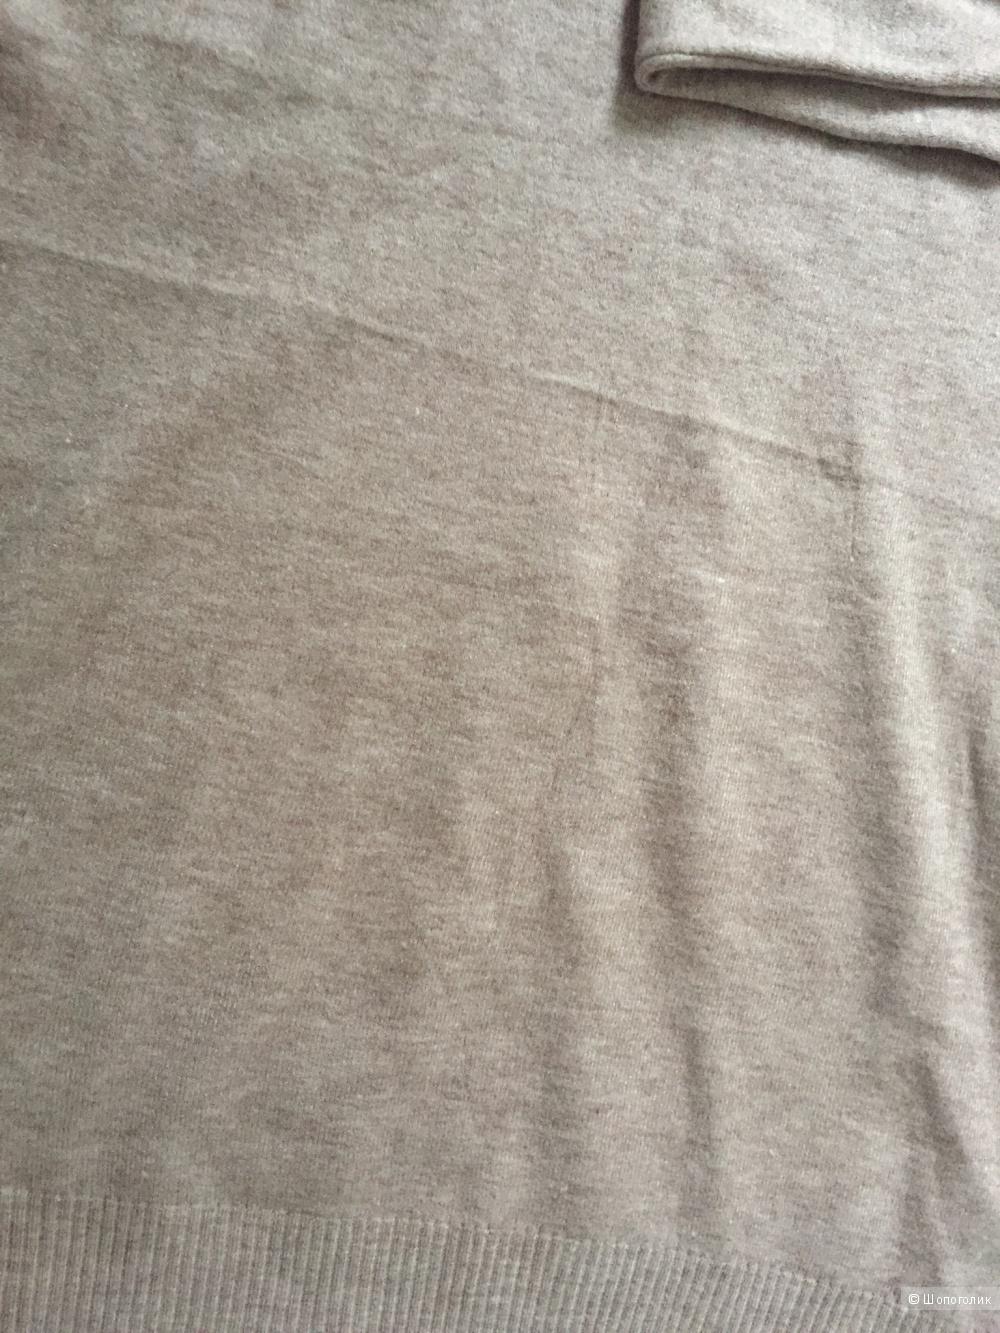 Комплект  новые джинсы hm, размер 36 и свитер no name оверсайз